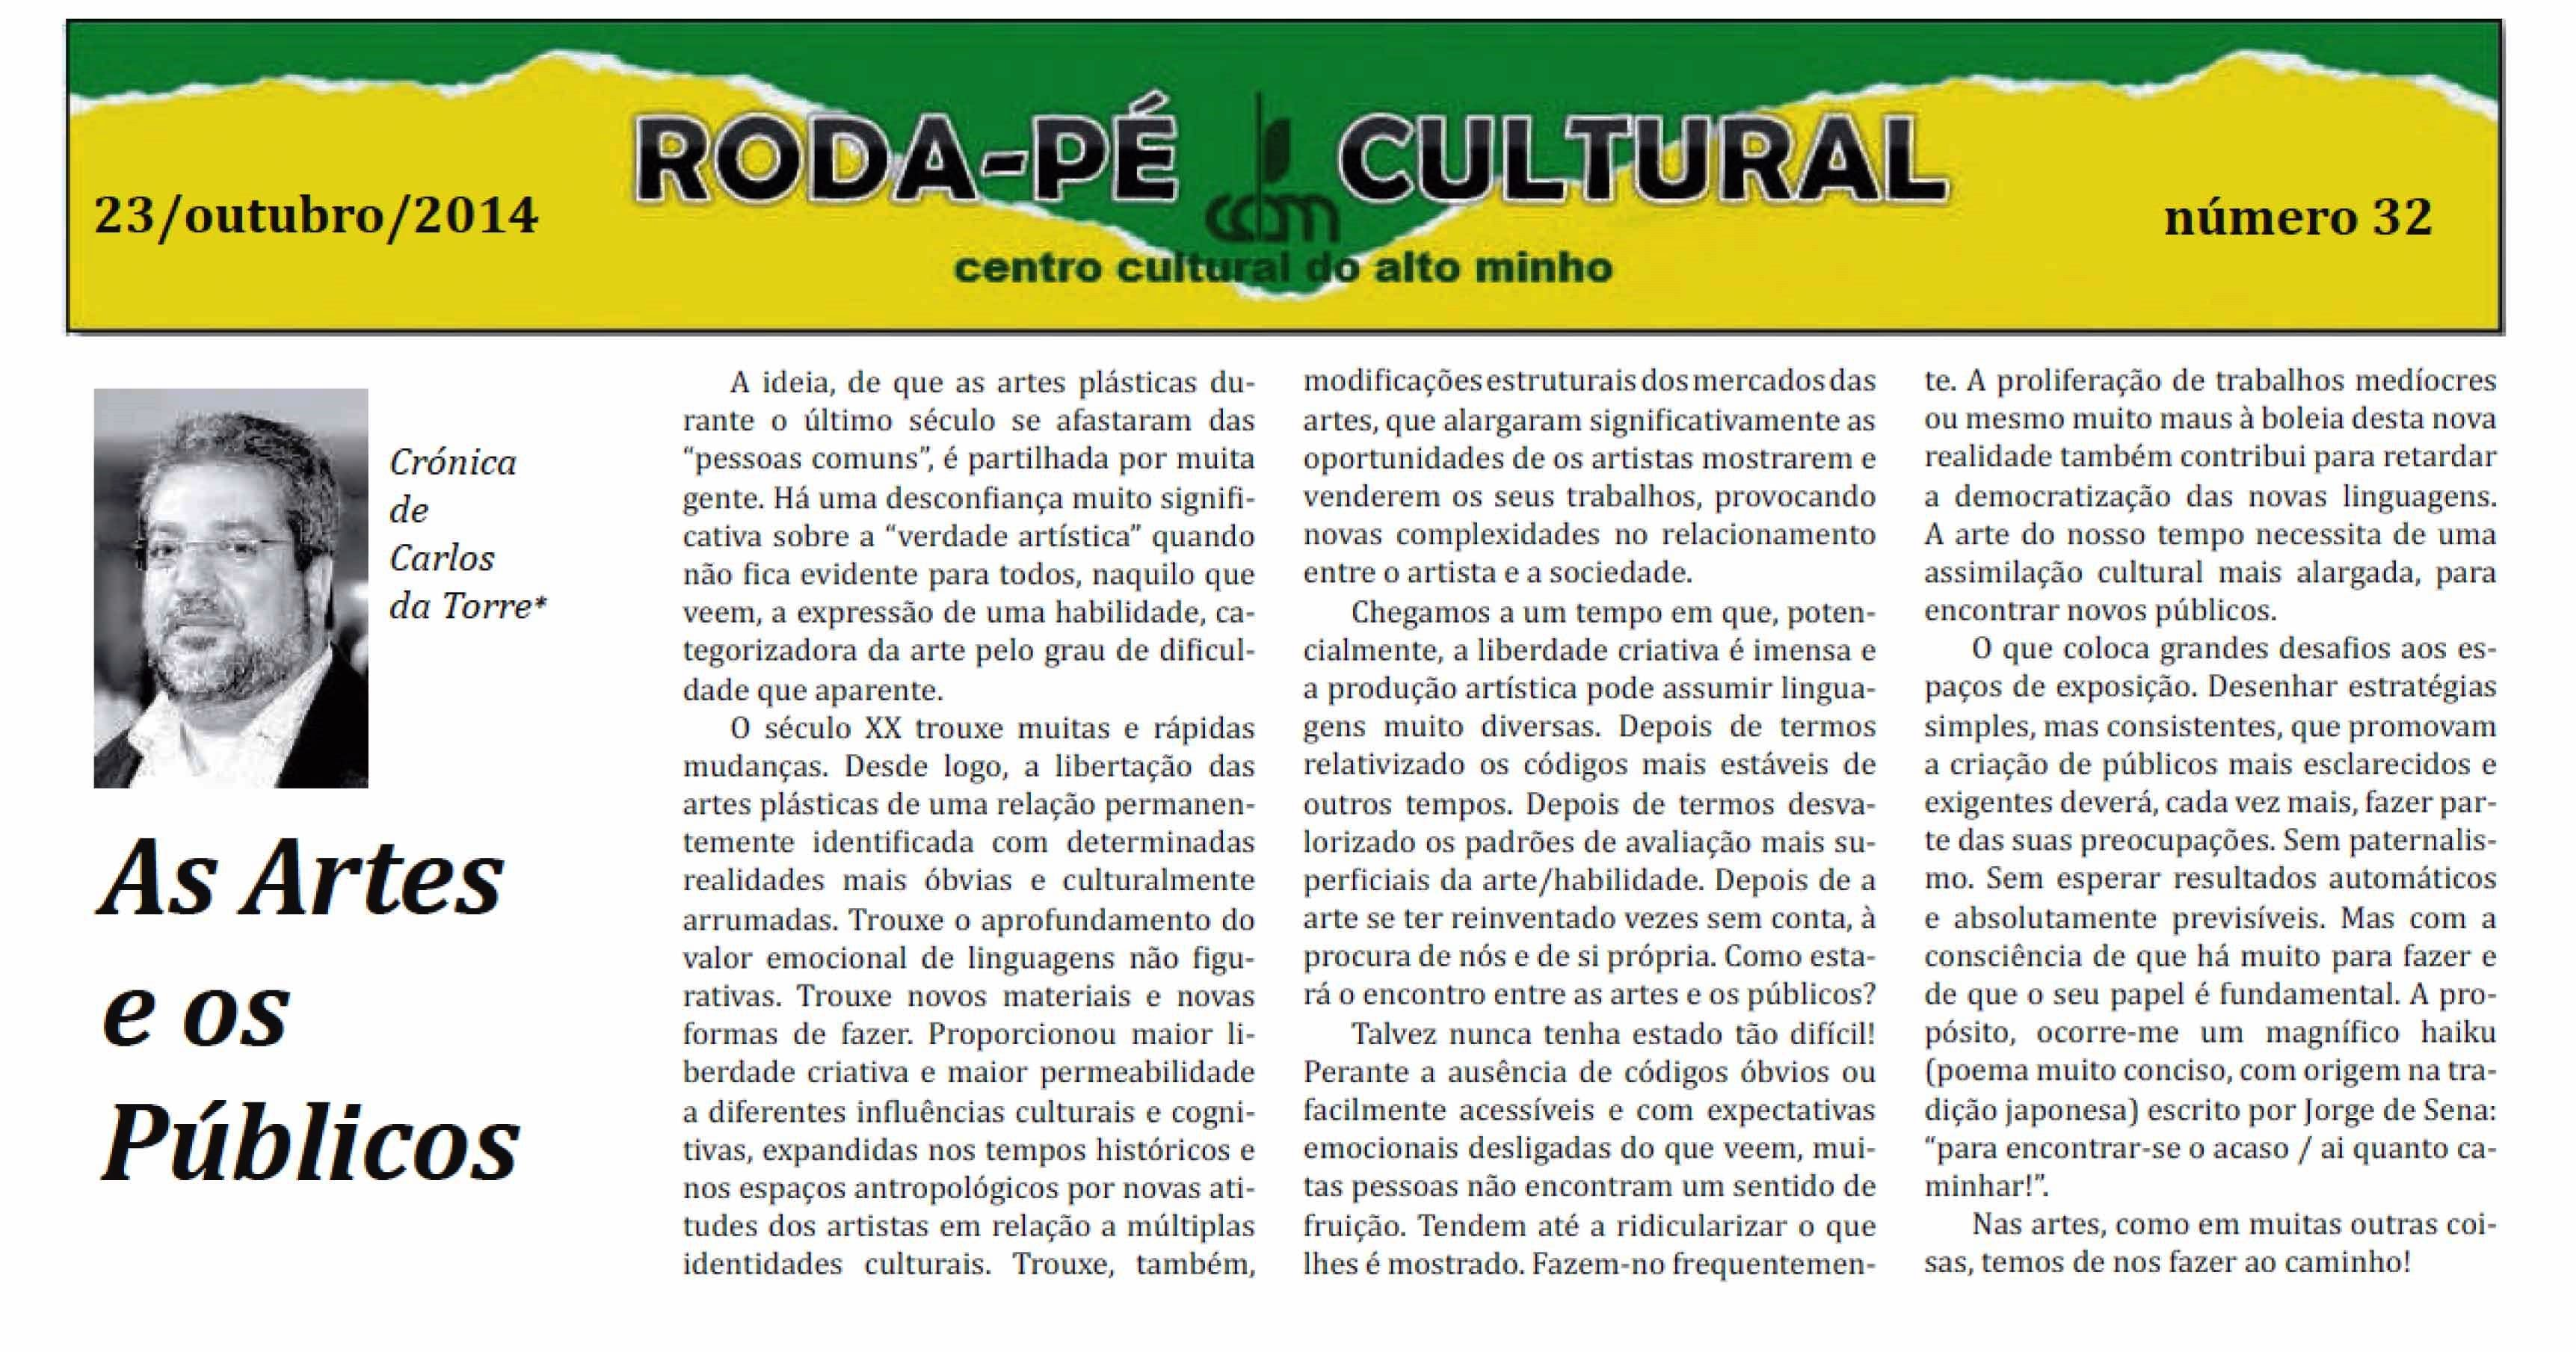 https://sites.google.com/a/centroculturaldoaltominho.org/ccam/actividades-realizadas/2014/Rp_32.jpg